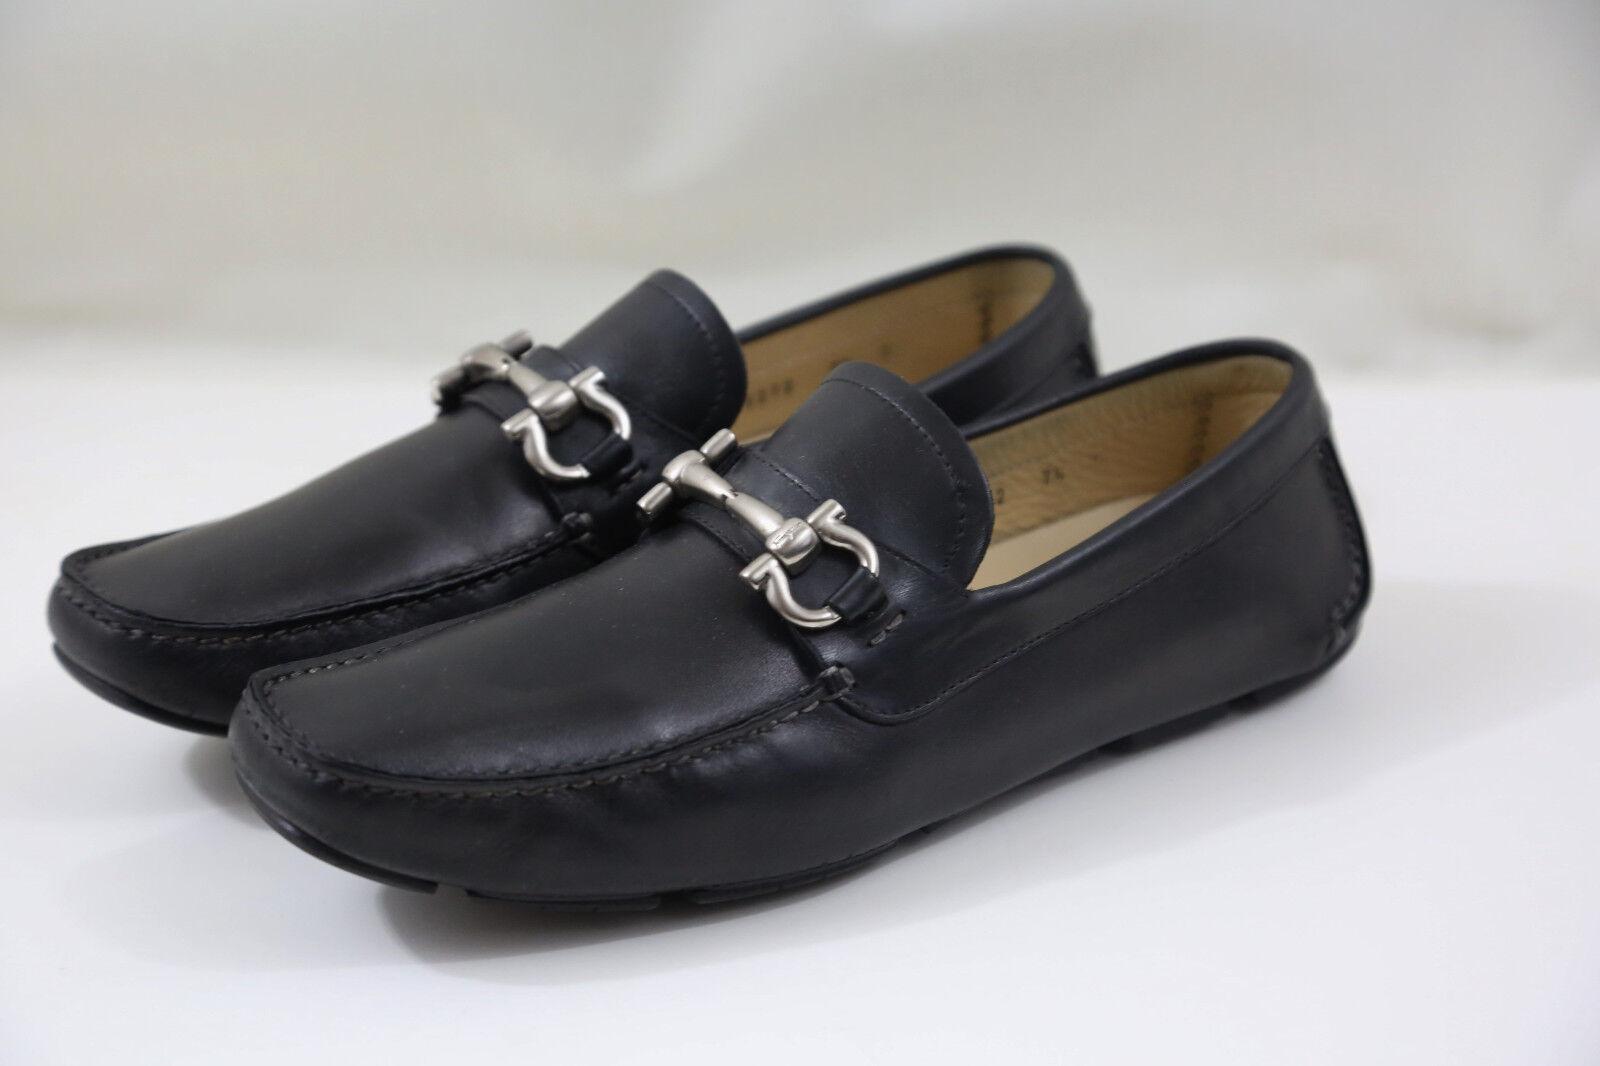 + SALVATORE FERRAGAMO  Parigi  en cuir noir Pilotes Taille 7.5 D fabricants Standard prix de détail  520